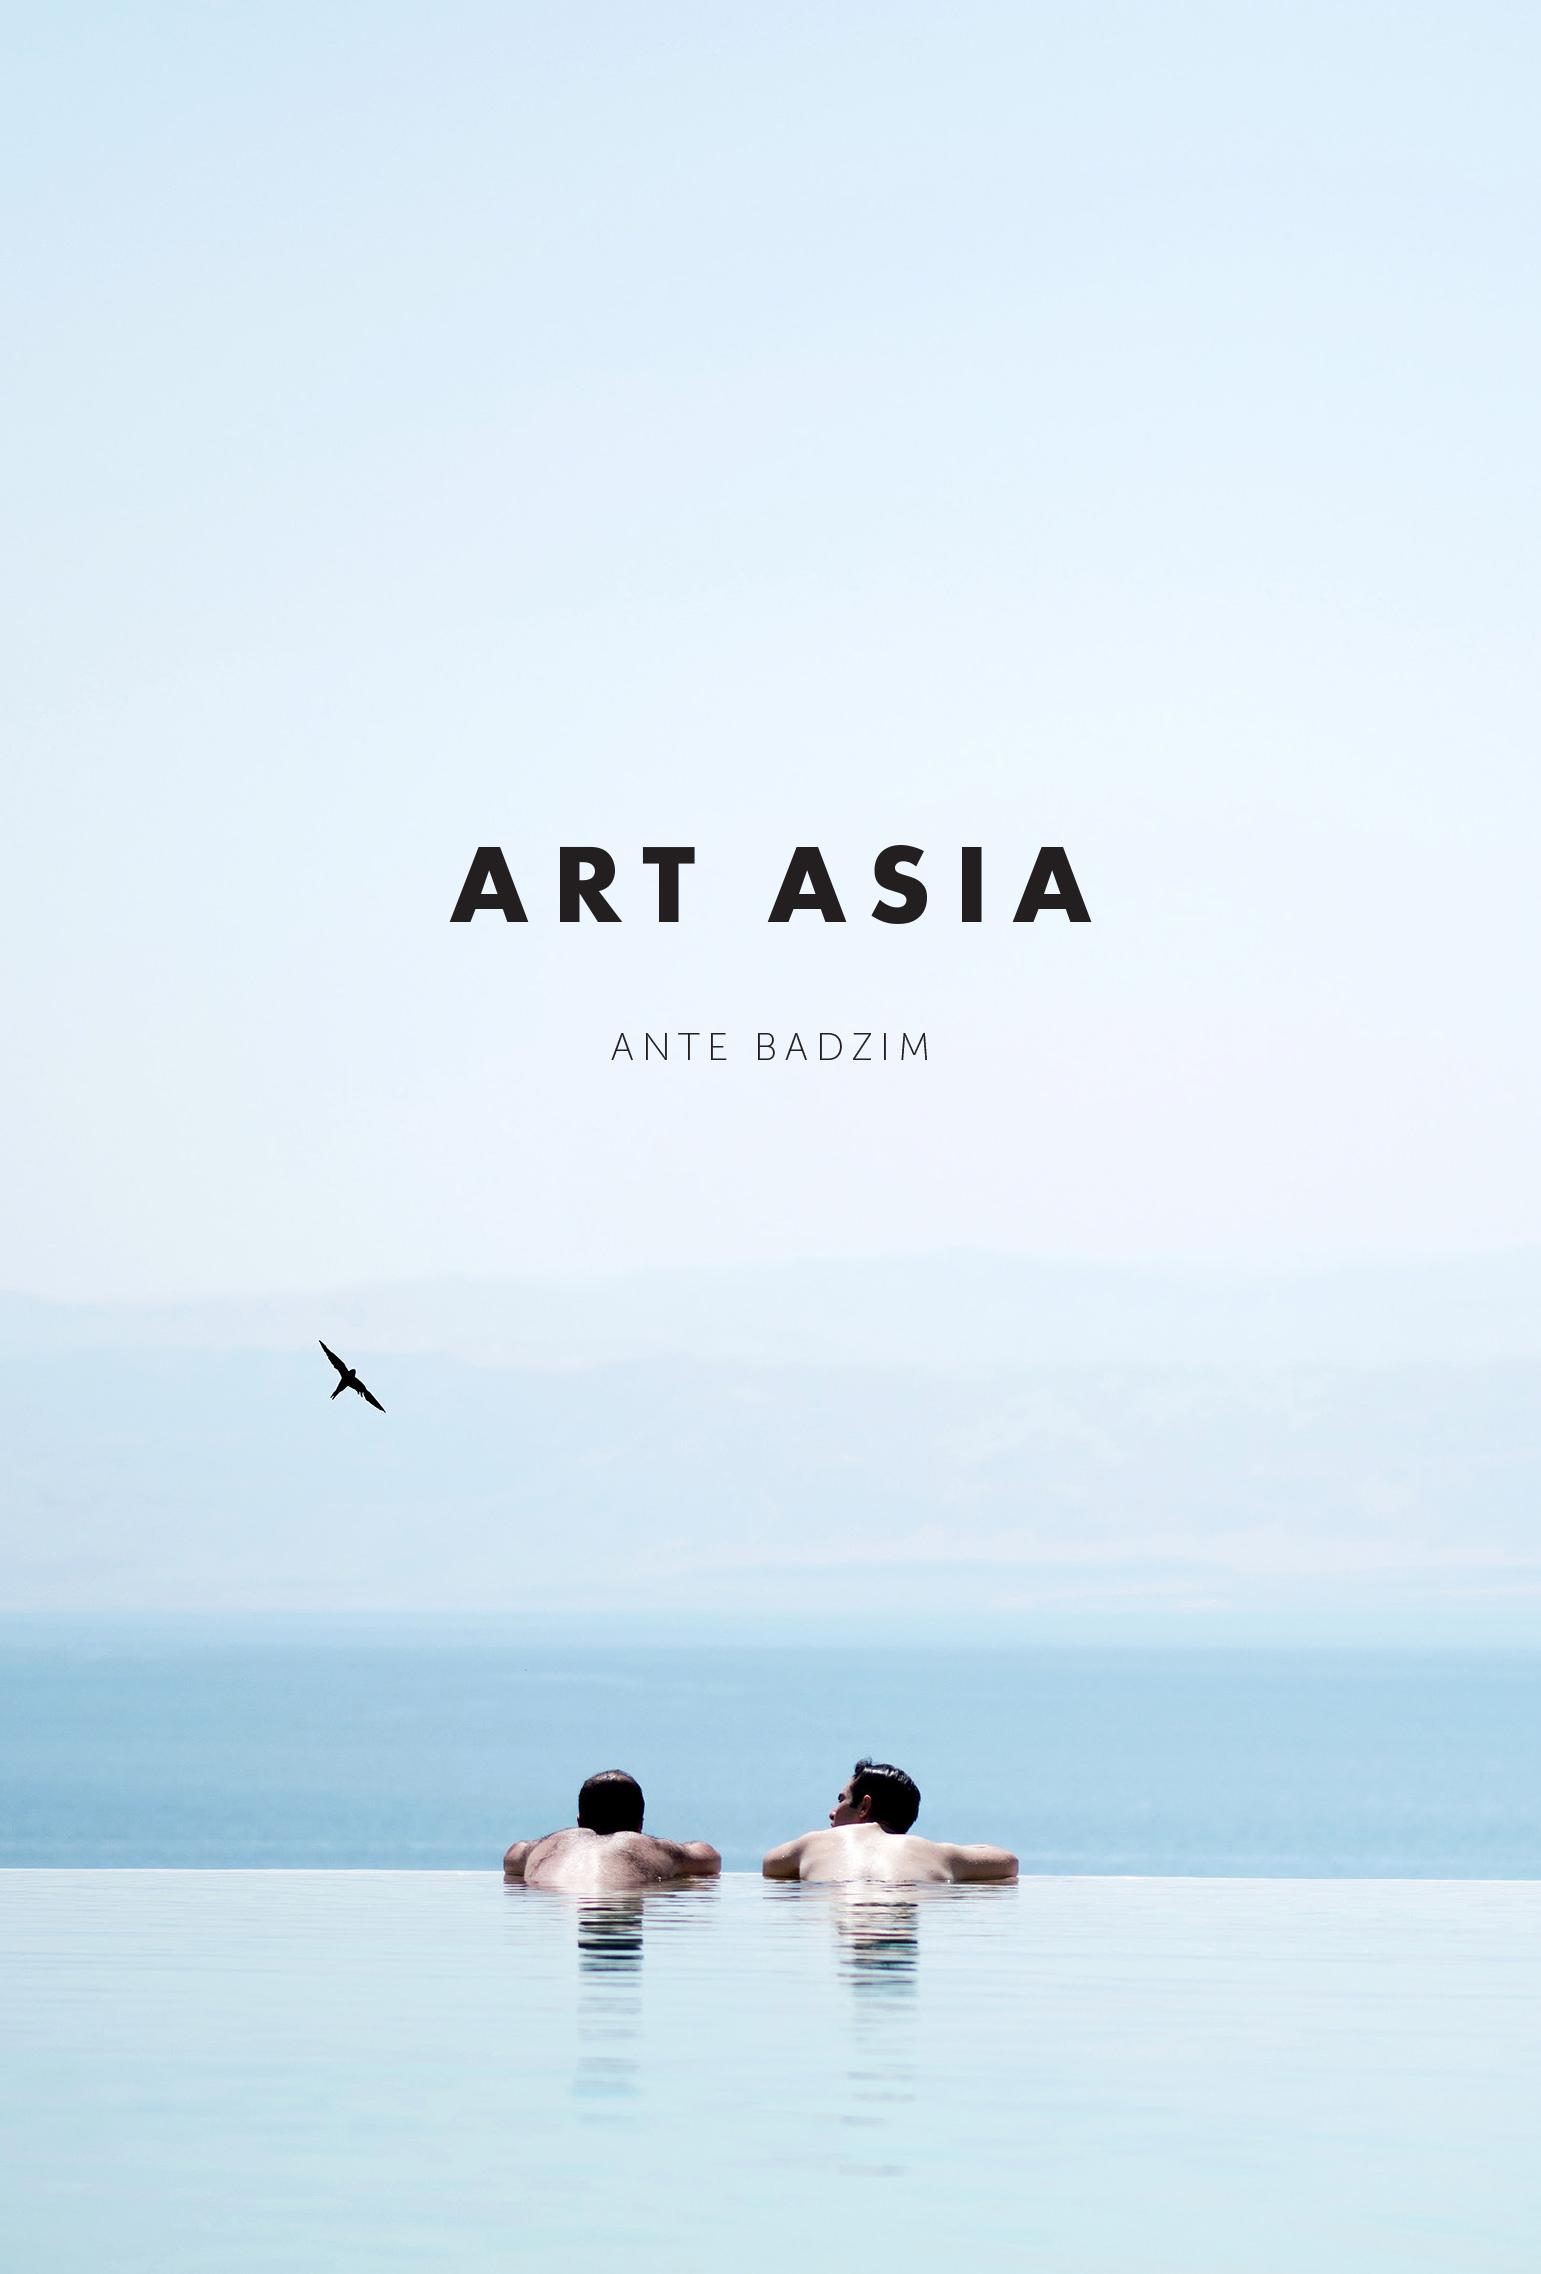 ART ASIA Ante Badzim.jpg